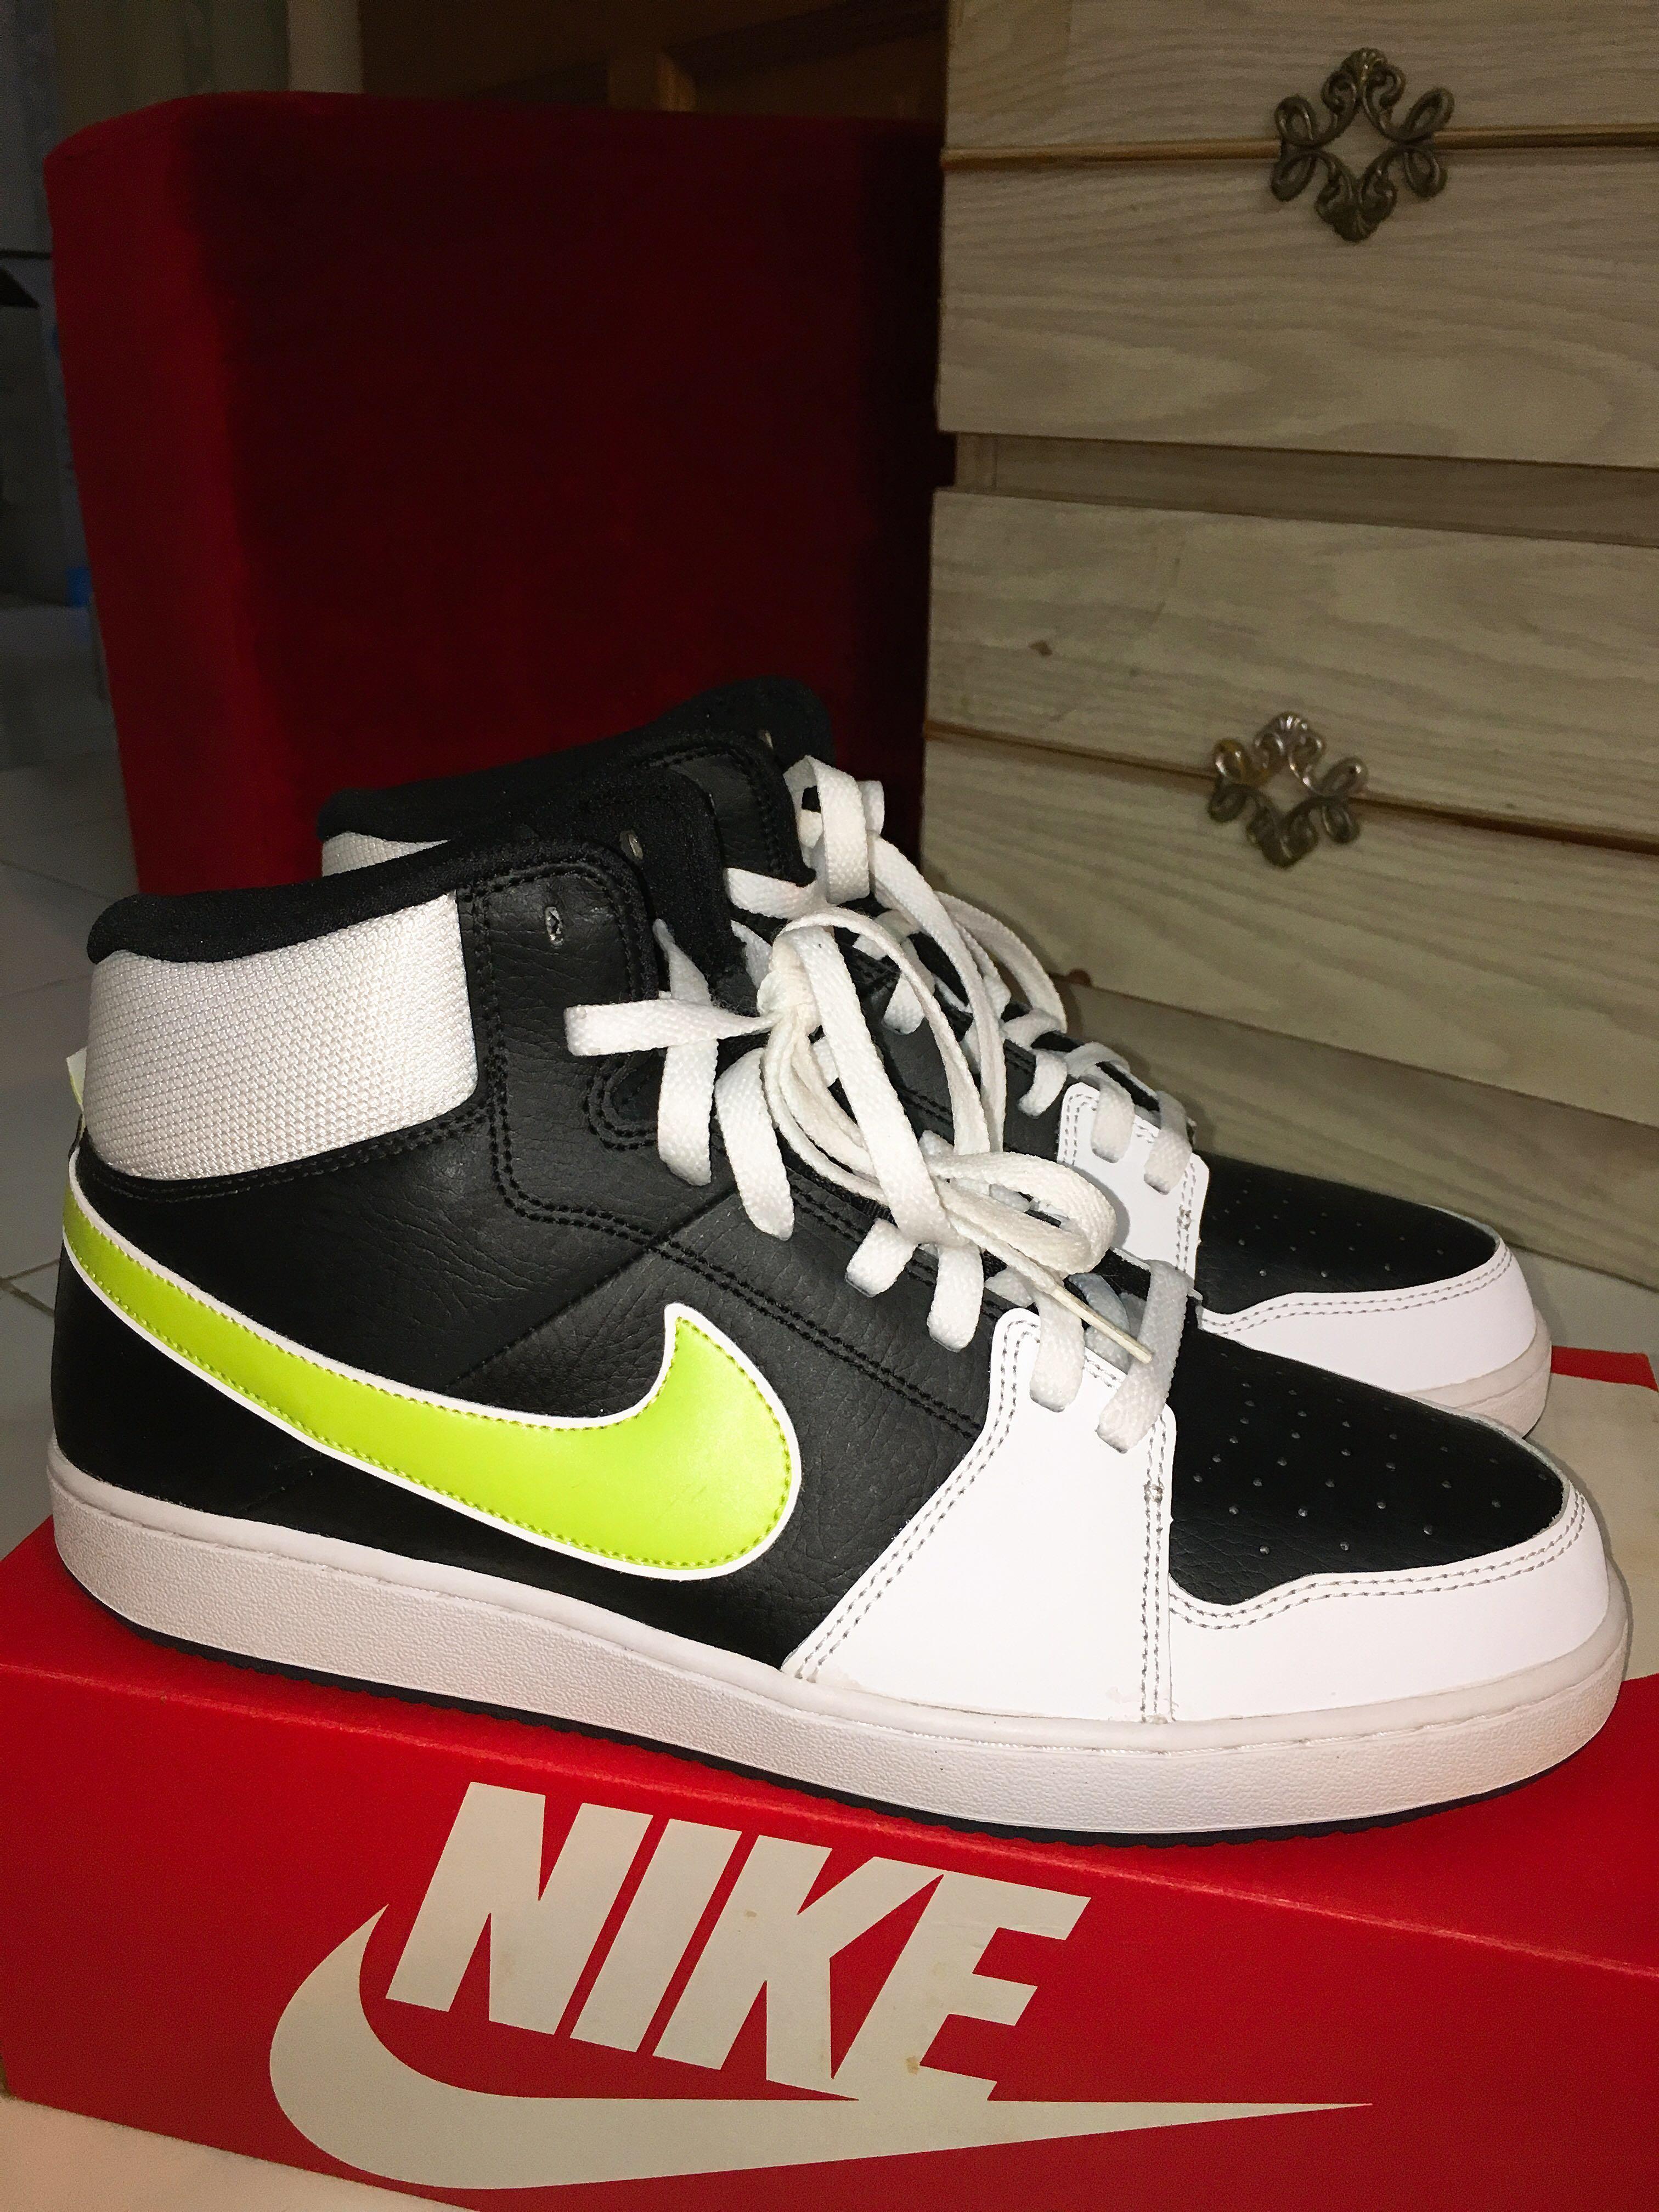 1b55638ca2c NEW! NIKE BLACKBOARD II, Men's Fashion, Footwear, Sneakers on Carousell